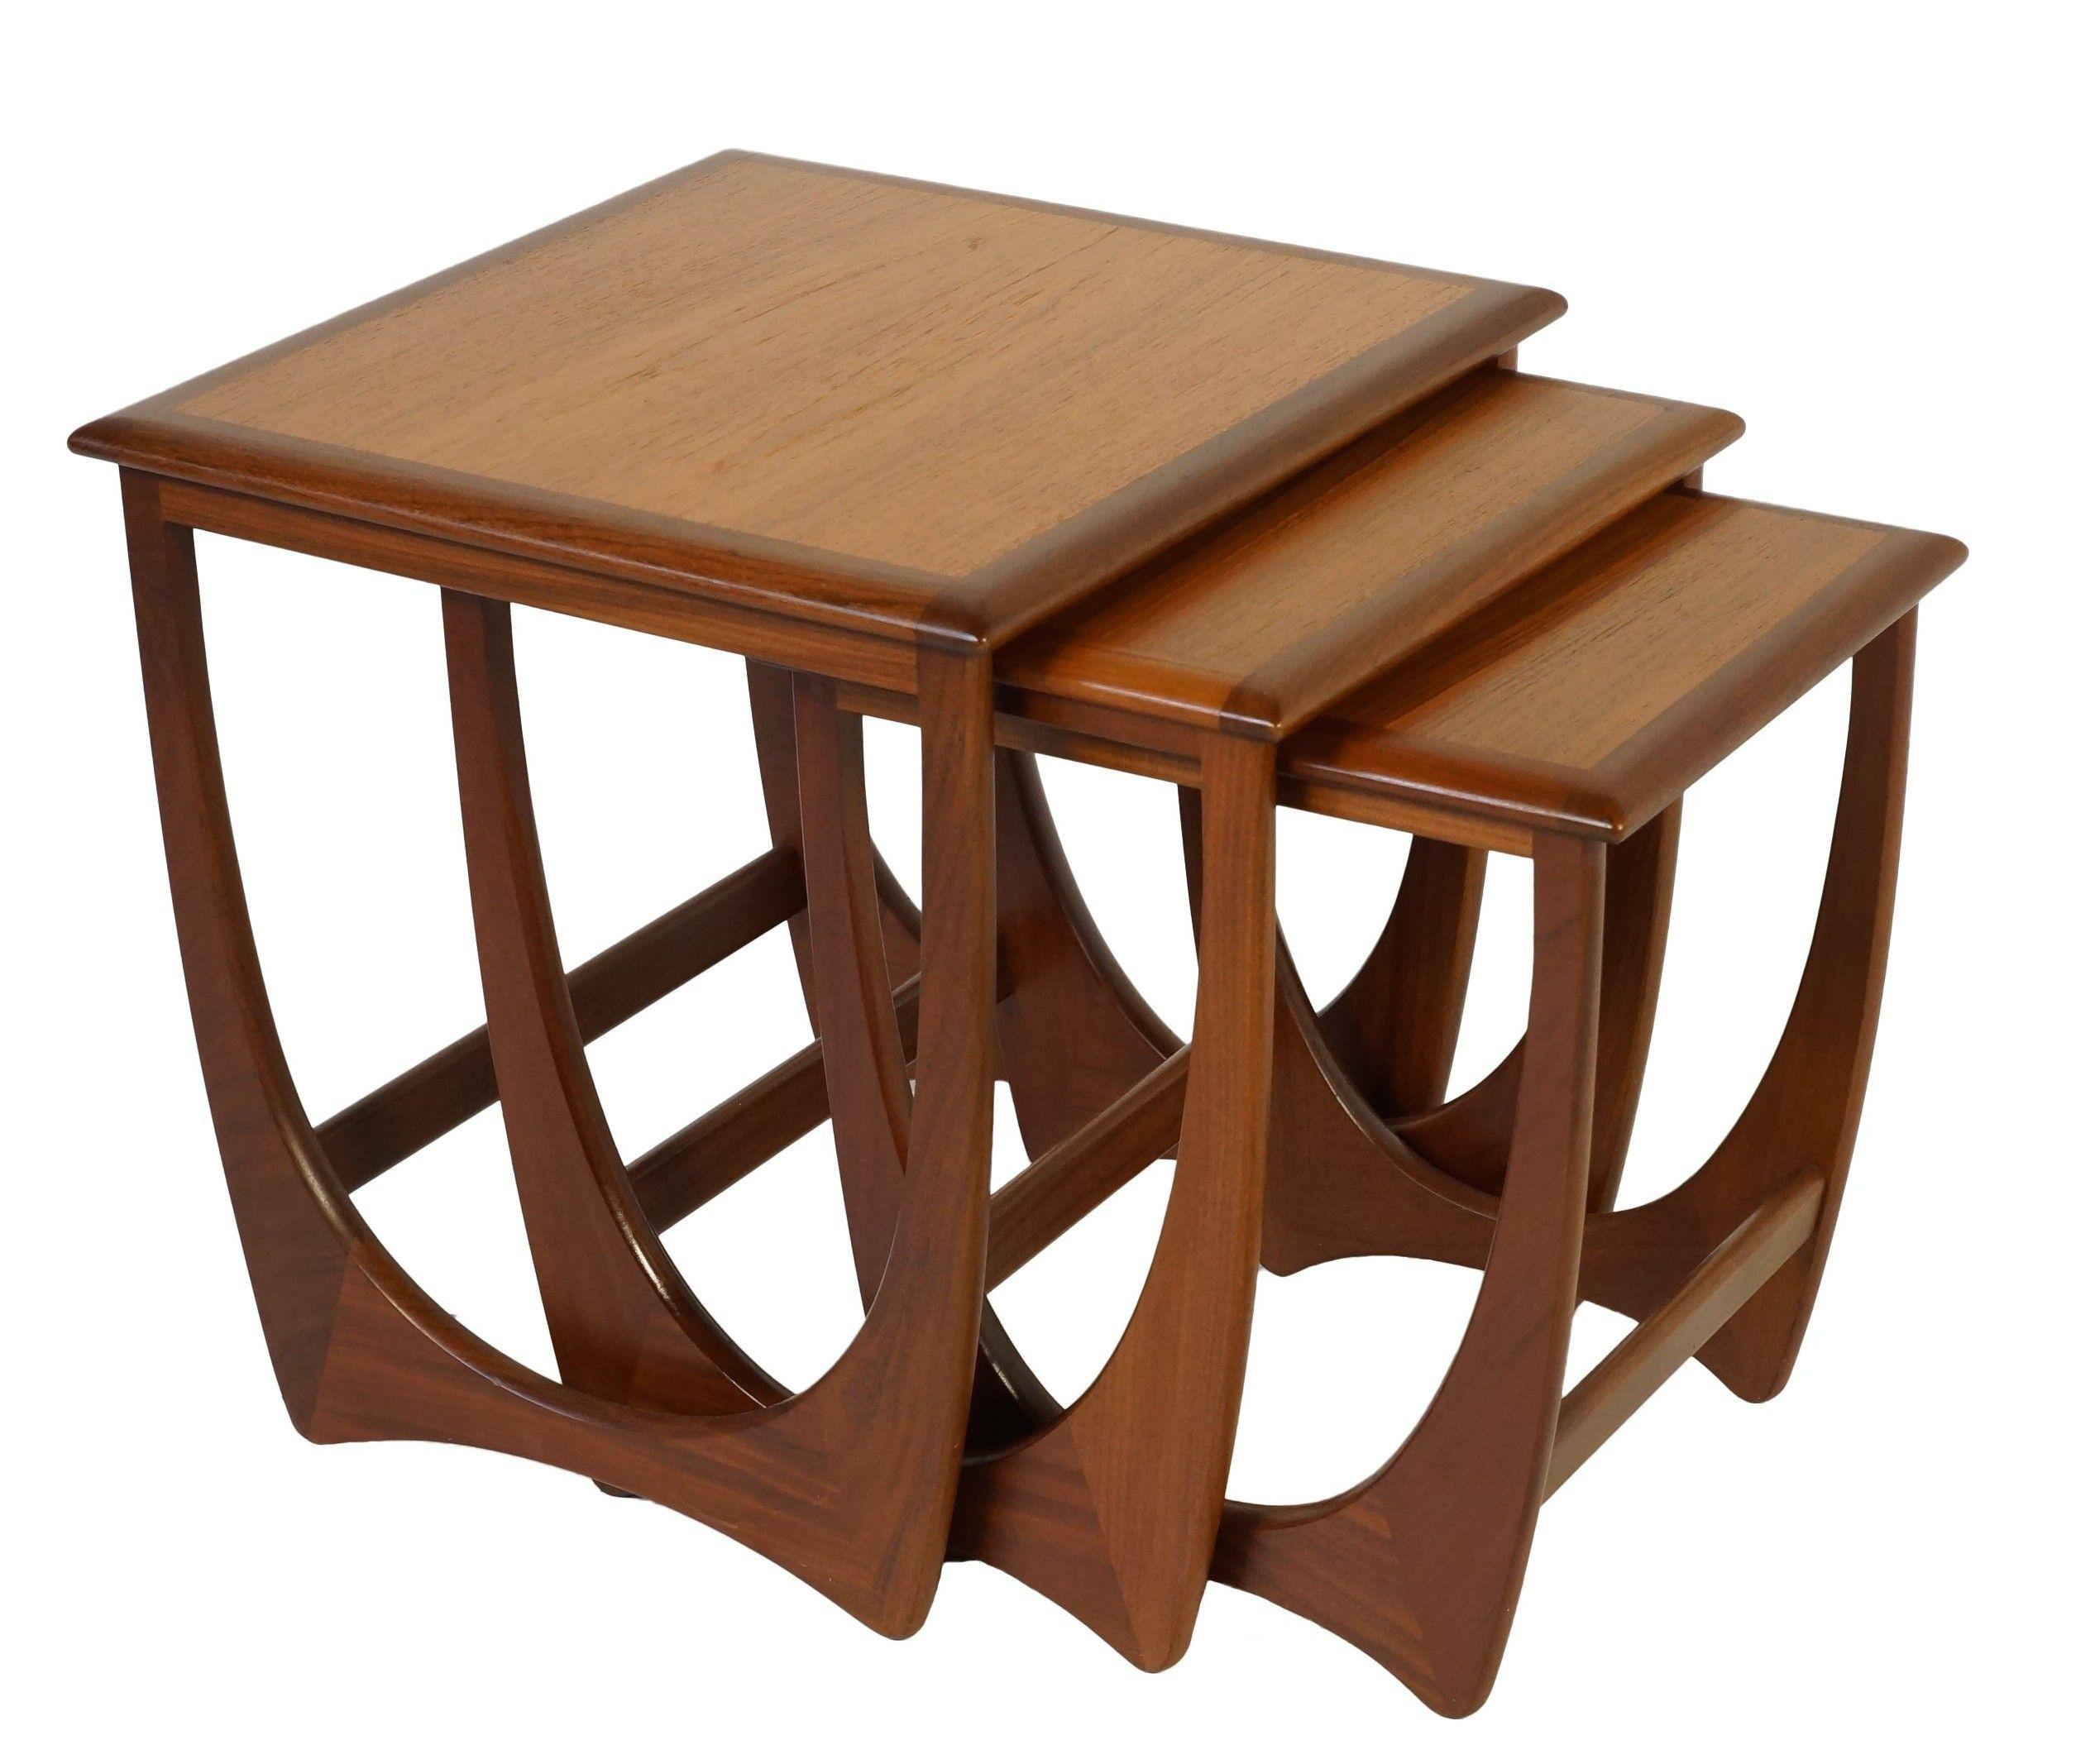 Ensemble De 3 Tables Gigognes En Teck G Plan Victor Wilkins 1960 Design Market Coffee Table Design Modern Coffee Table Design Decor